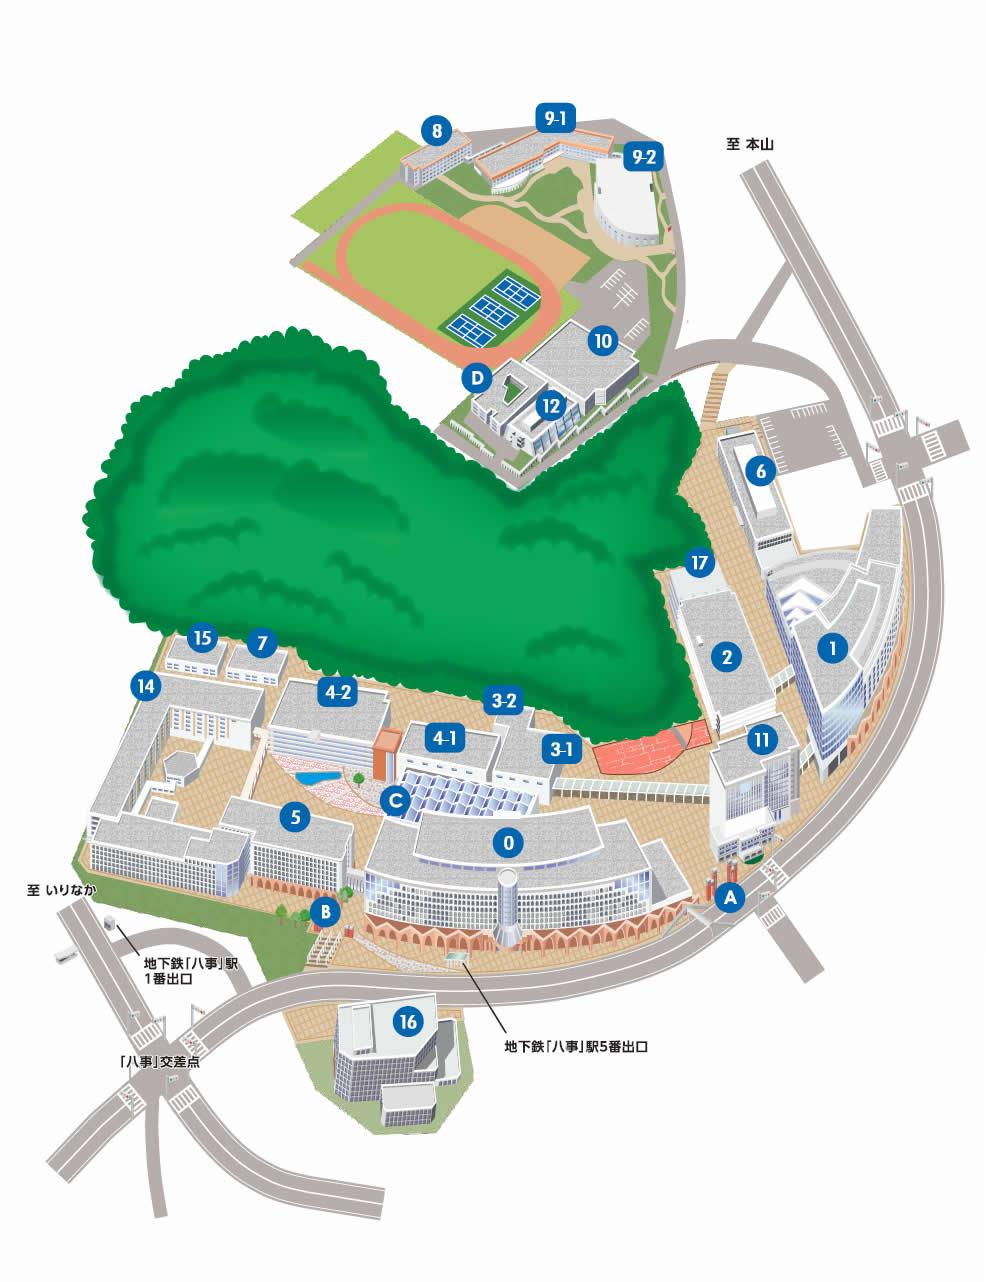 名古屋キャンパスマップ